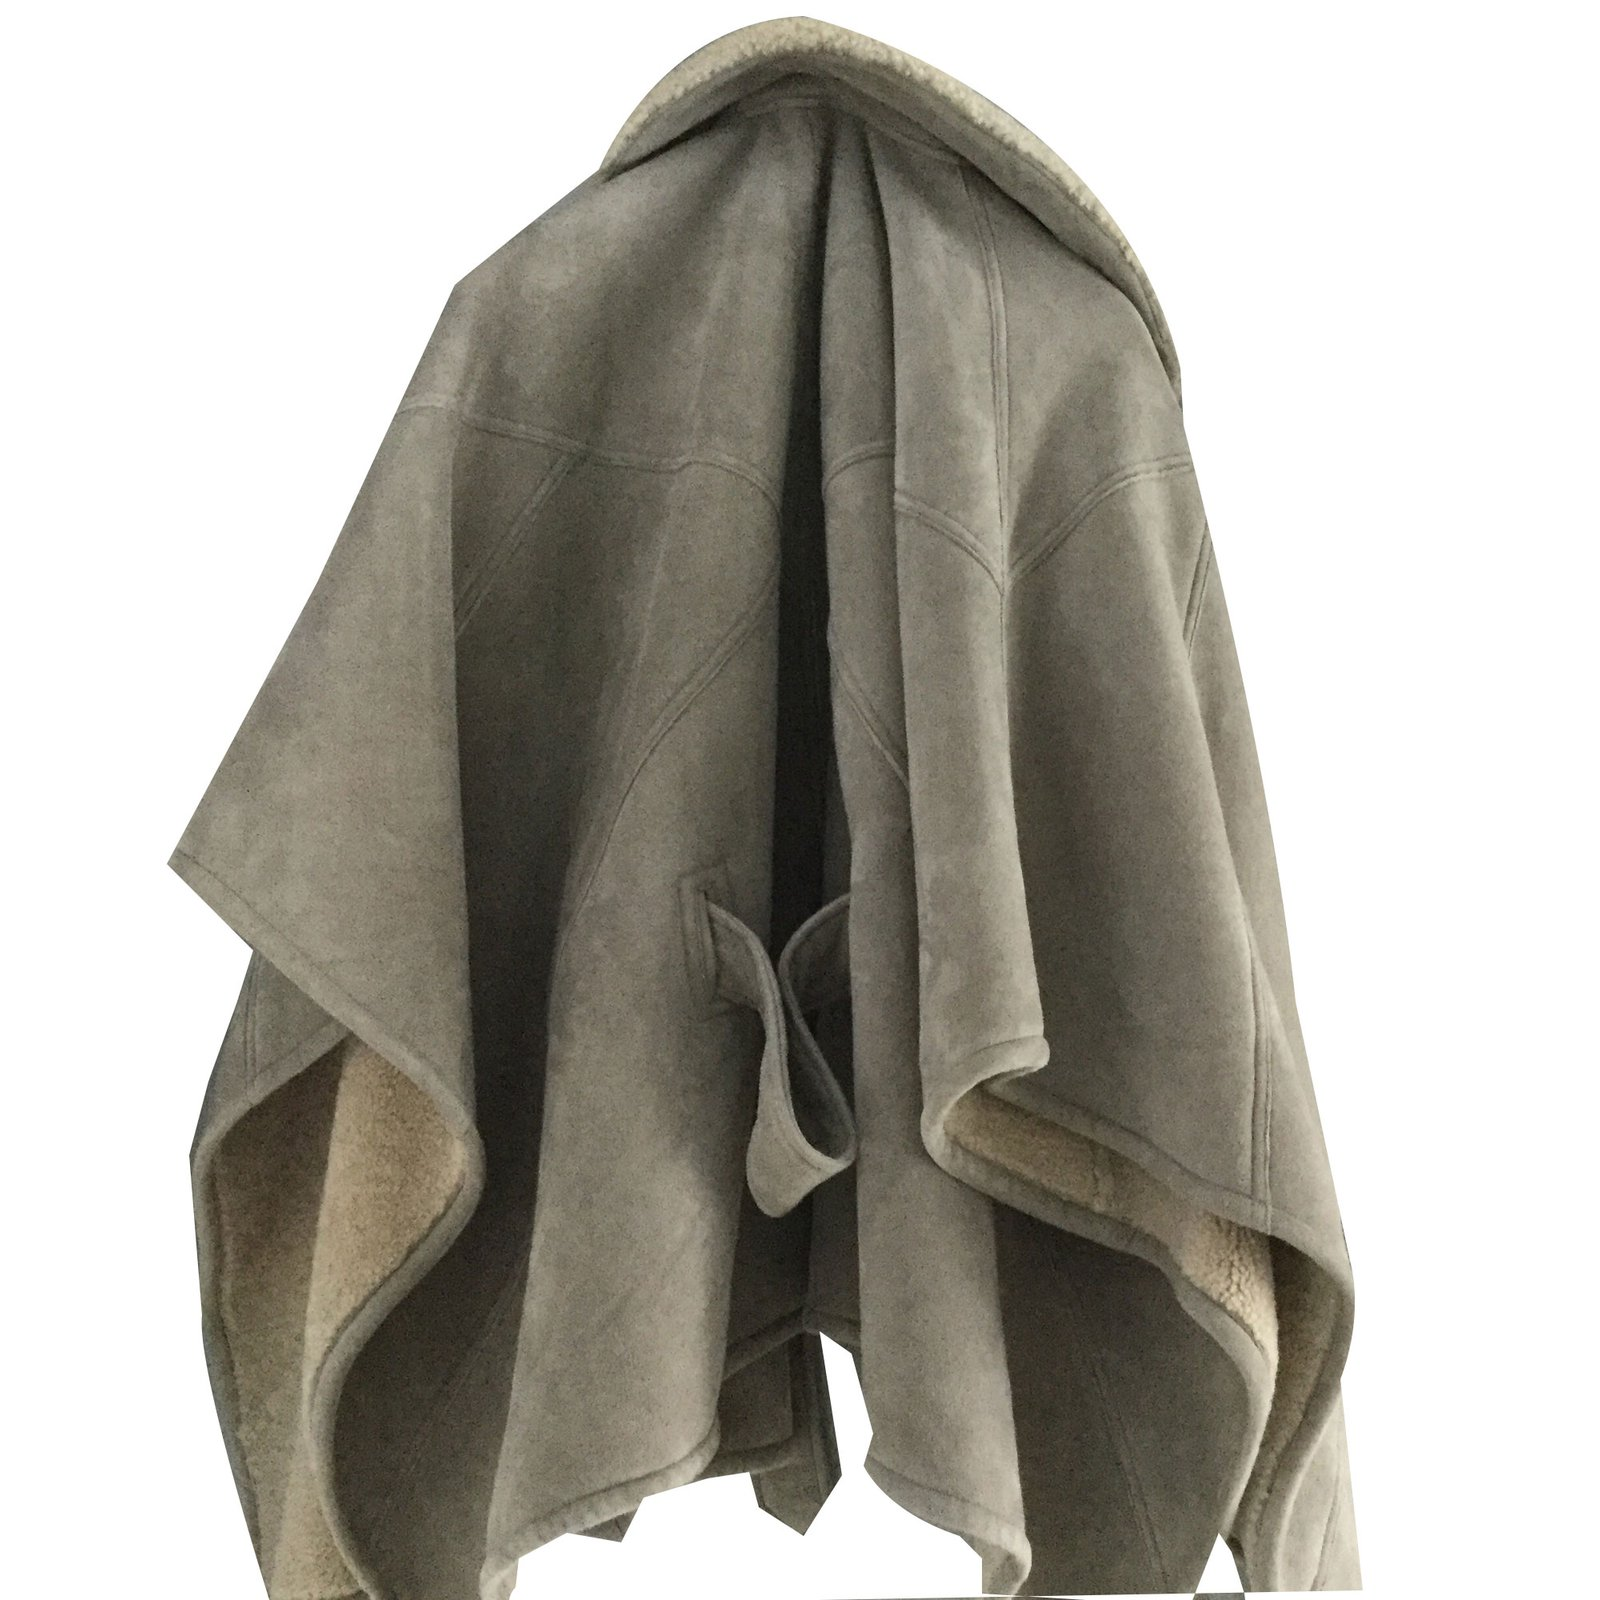 manteaux polo ralph lauren cape en mouton retourn cuir d. Black Bedroom Furniture Sets. Home Design Ideas